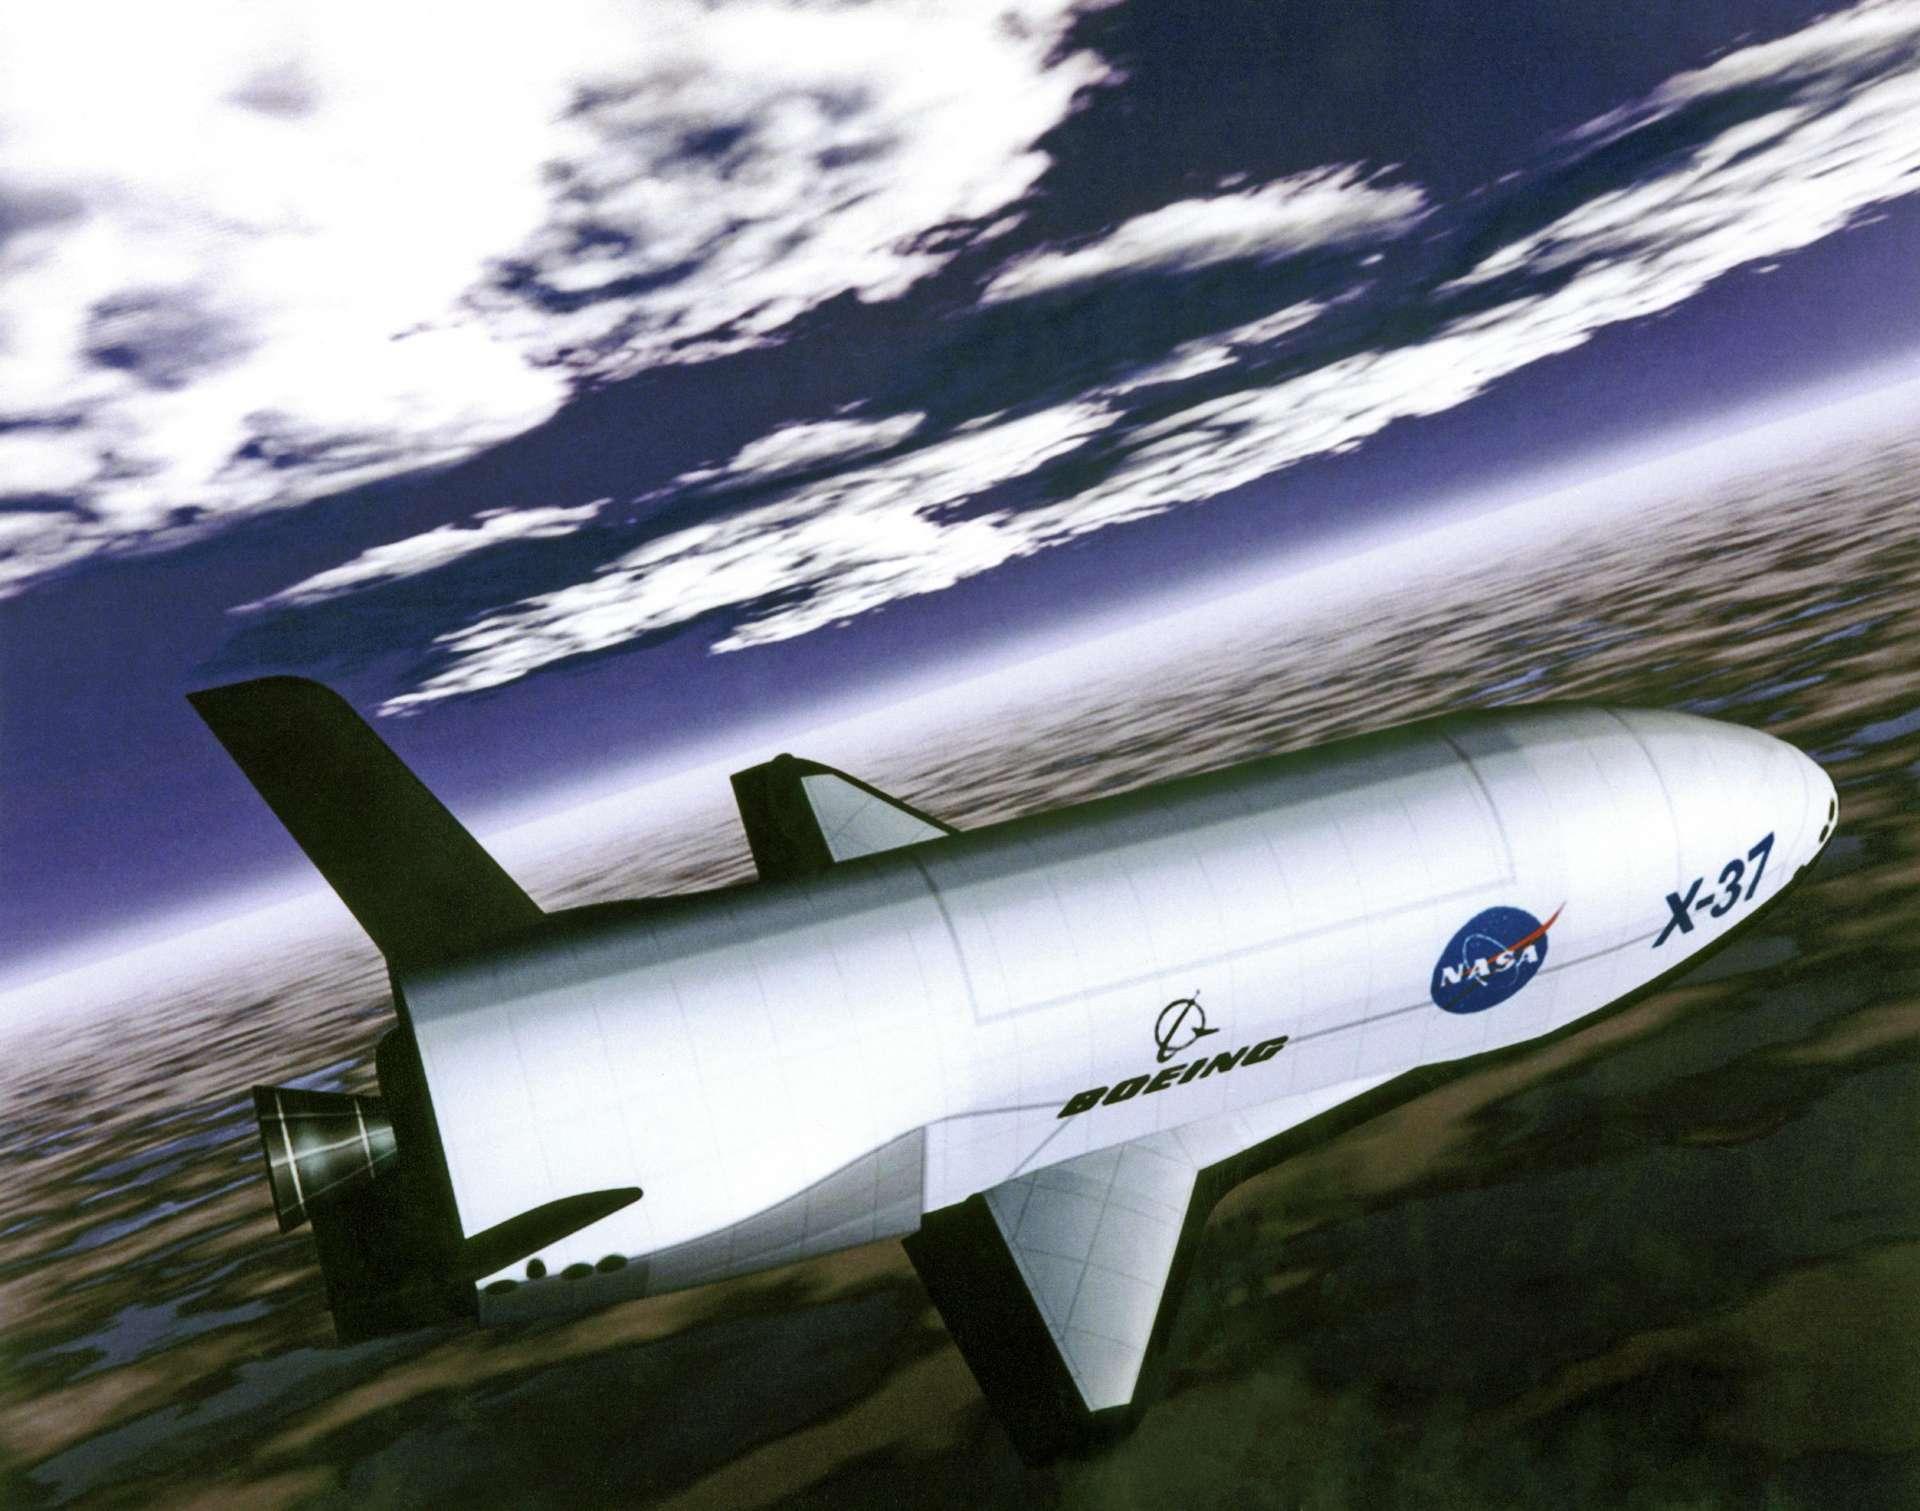 La navette X-37B vient de battre son propre record de durée de vol dans l'espace. © Monroe Conner, Nasa